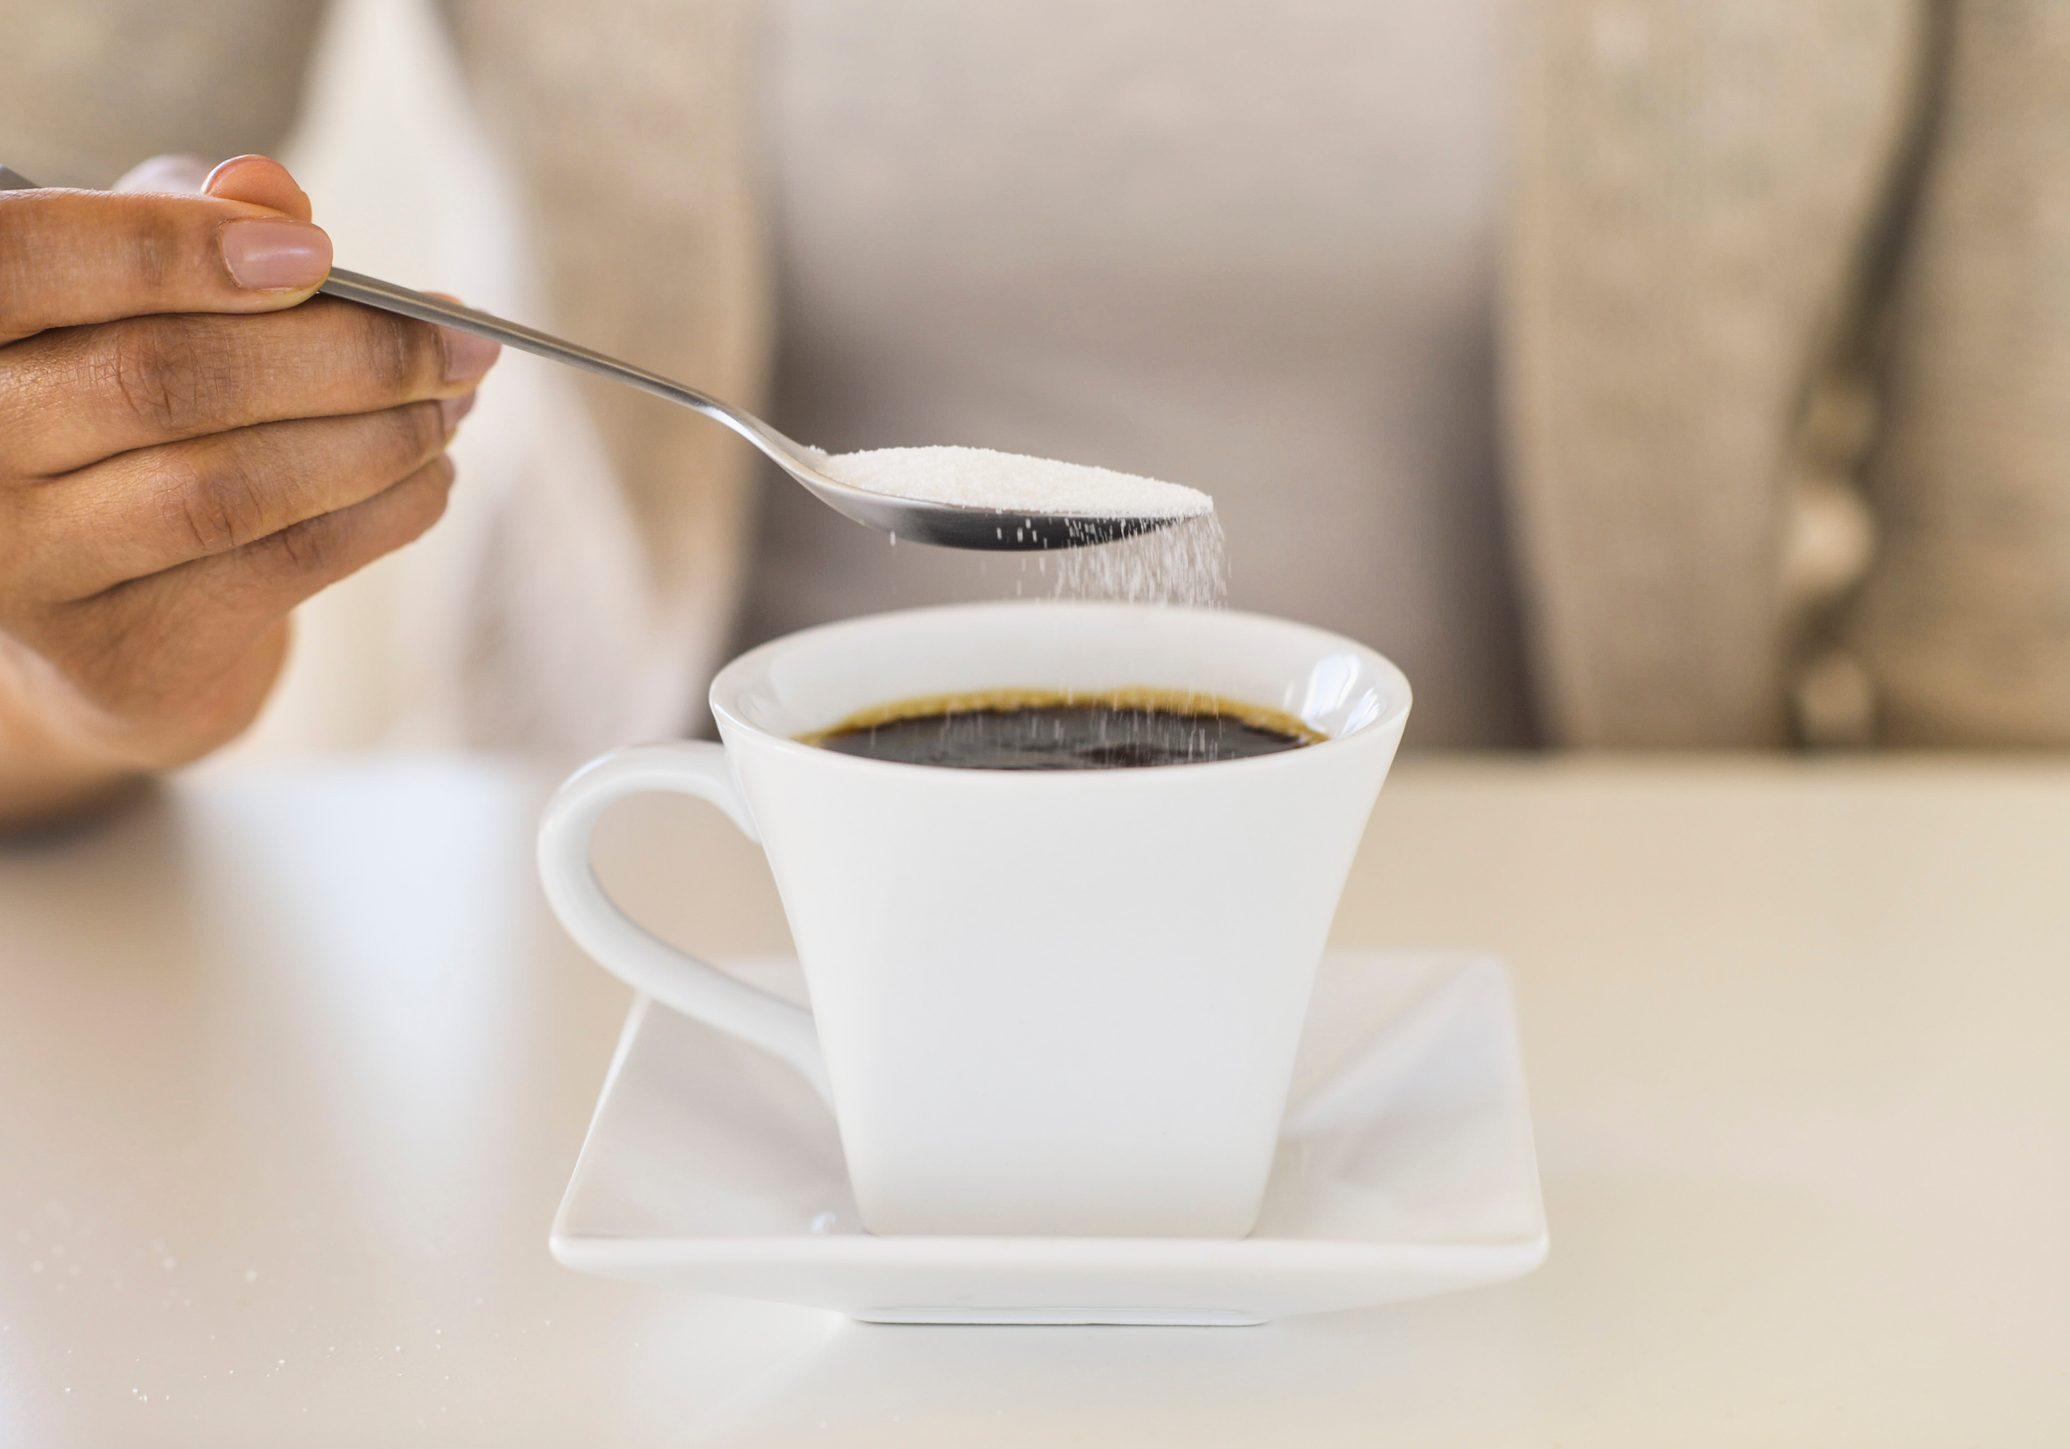 USA, New Jersey, Jersey City, Close-up of woman sweetening coffee